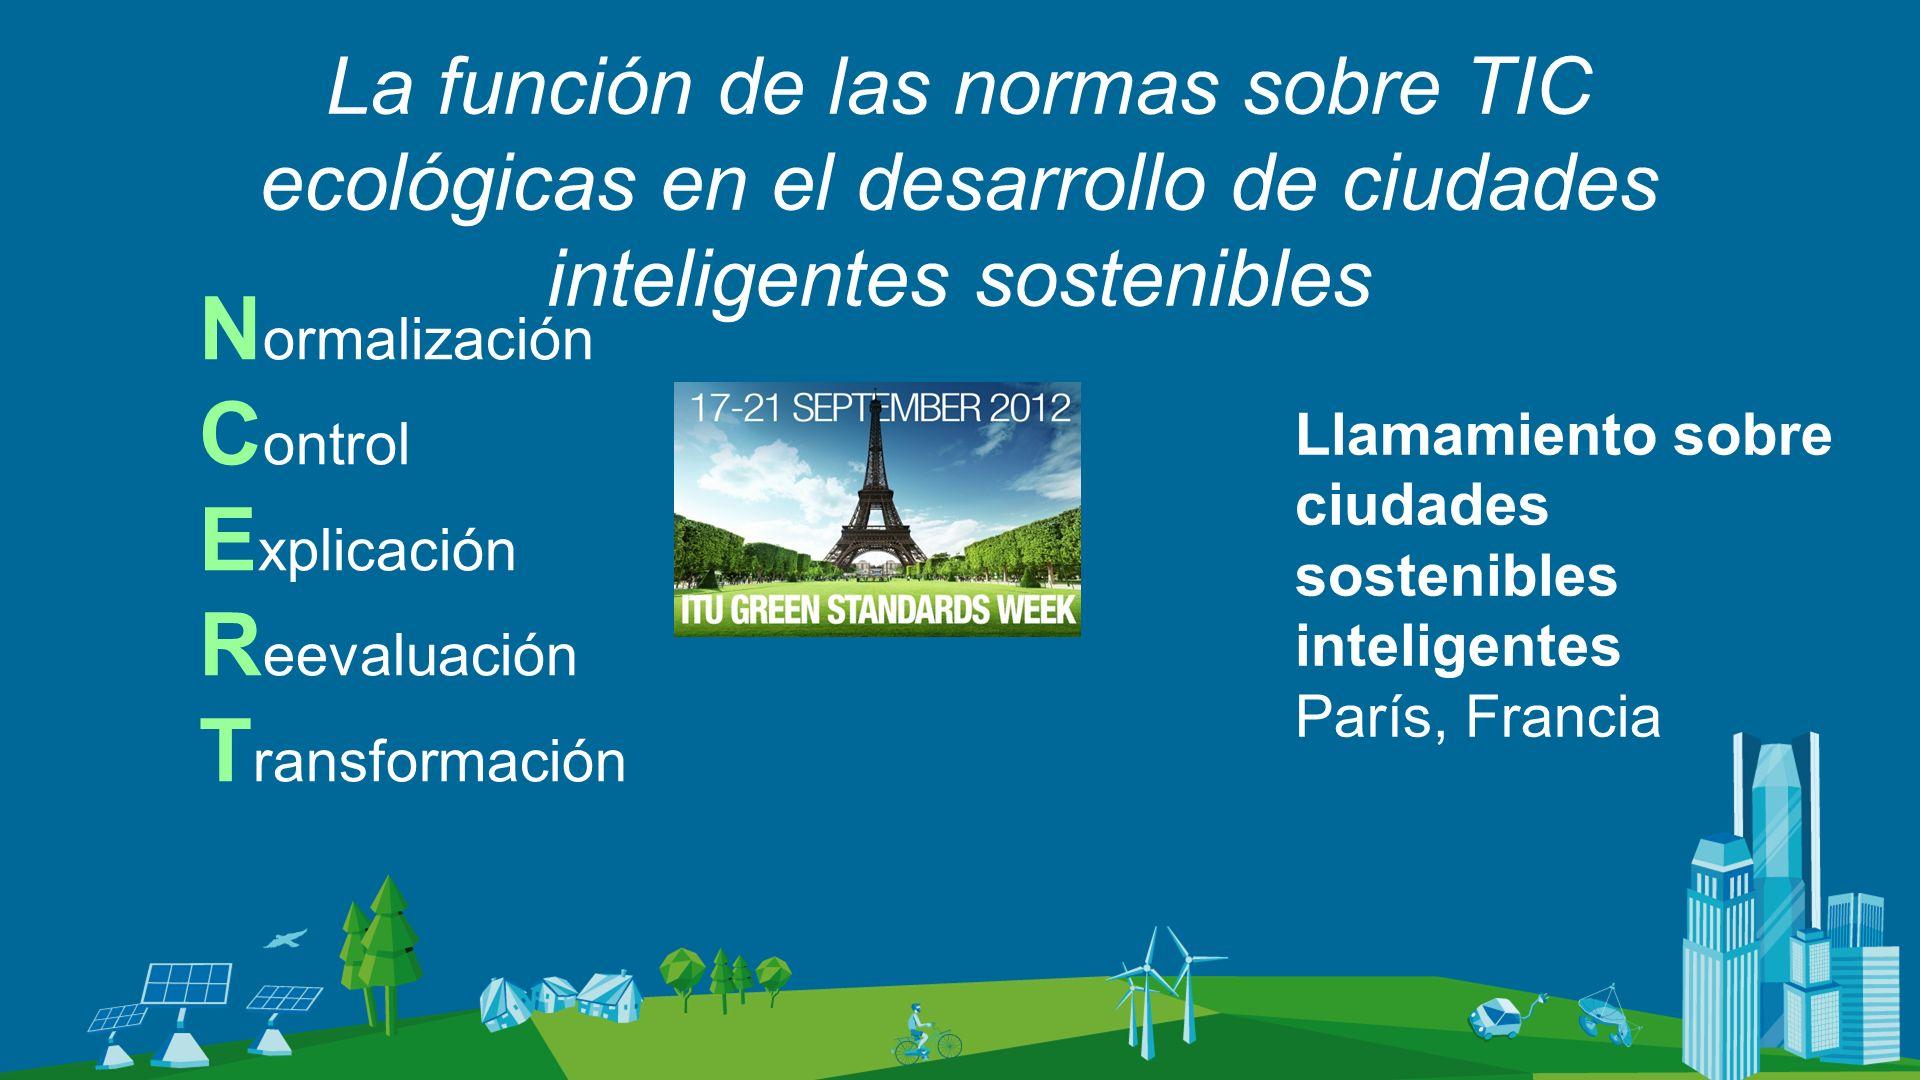 La función de las normas sobre TIC ecológicas en el desarrollo de ciudades inteligentes sostenibles N ormalización C ontrol E xplicación R eevaluación